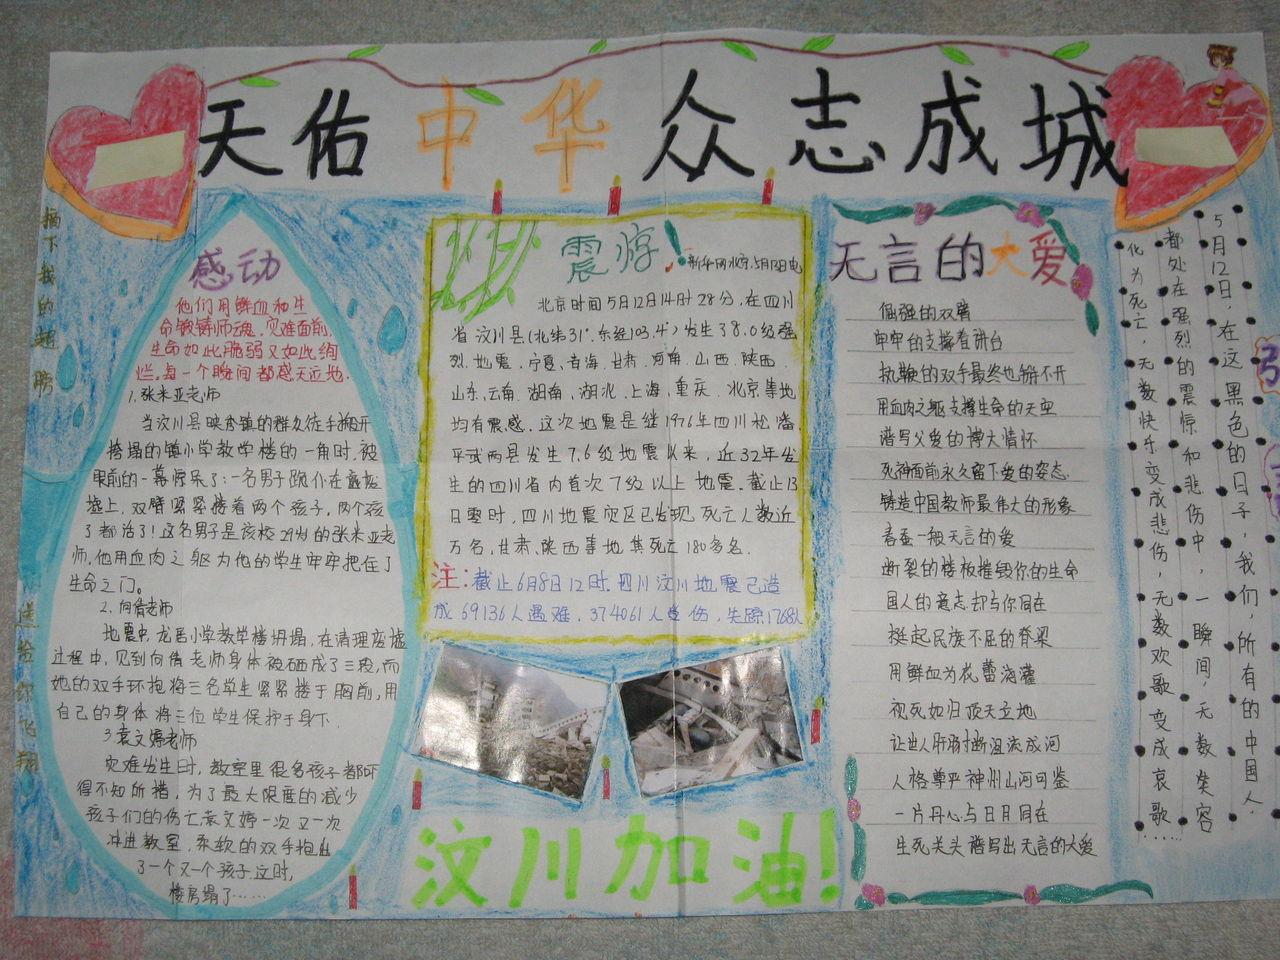 小学生抗震救灾手抄报高清图片